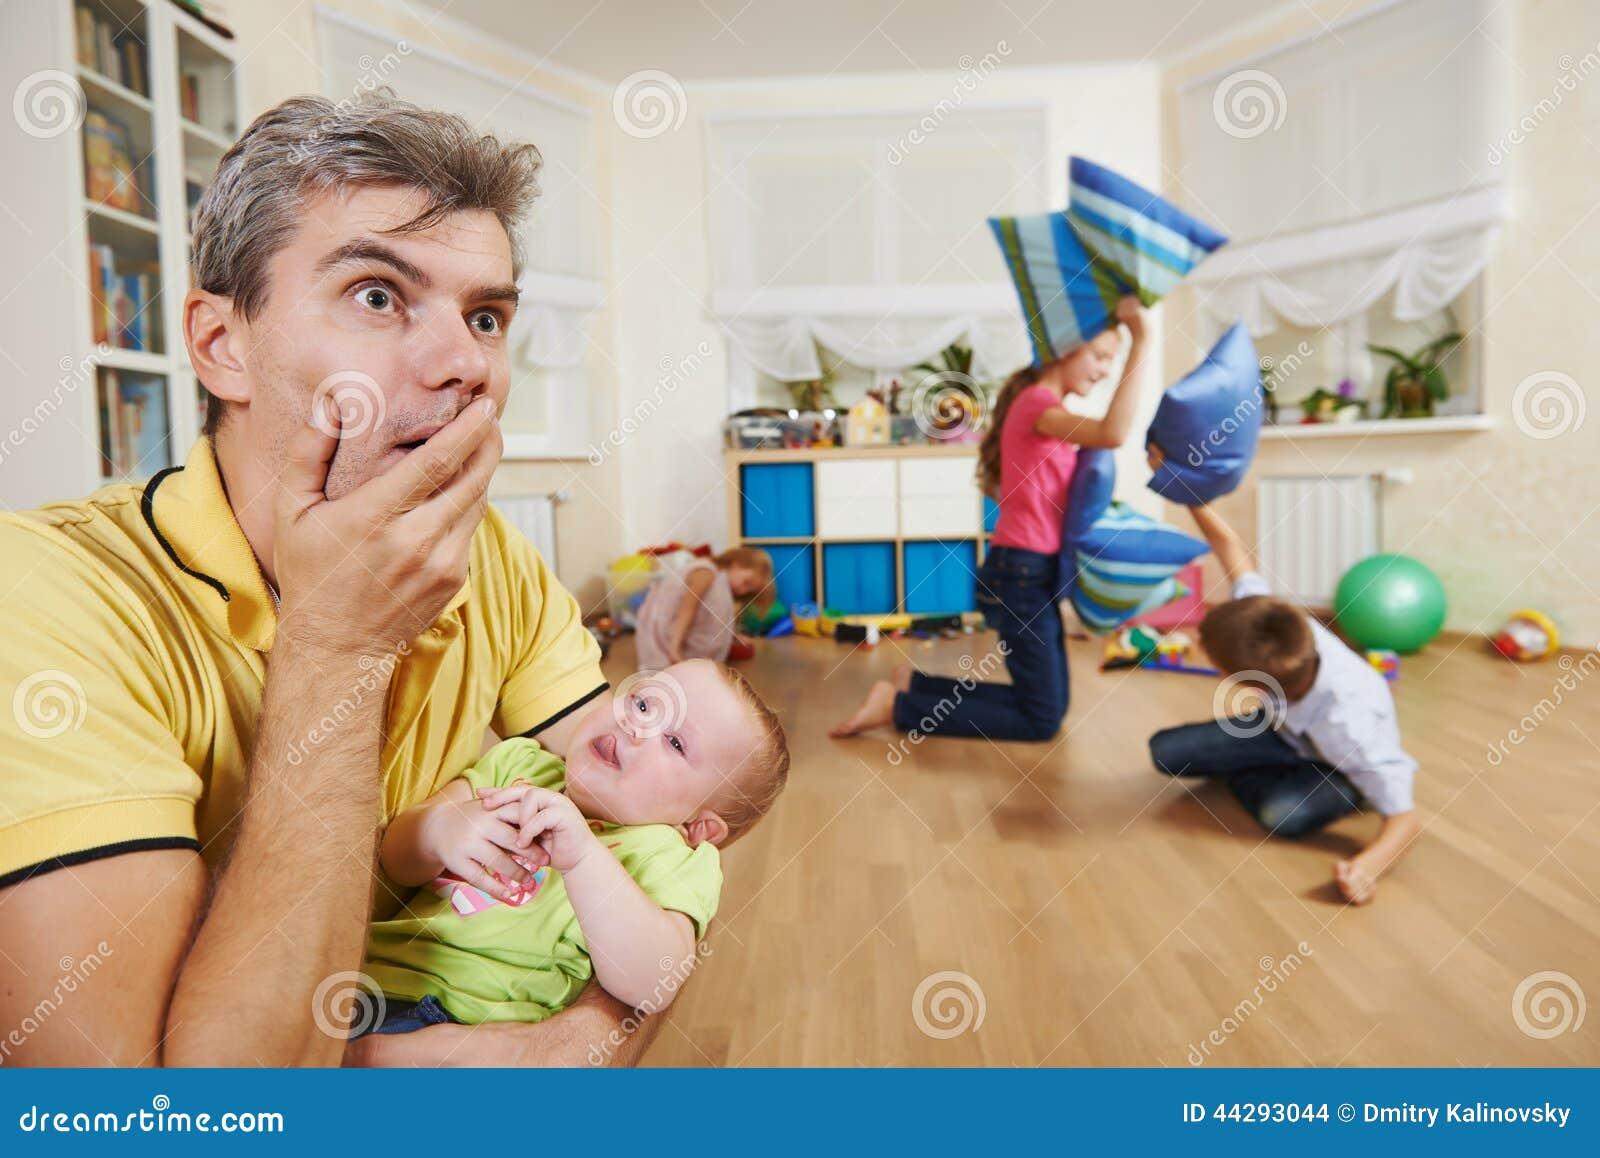 Verwarring in kinderen het kweken